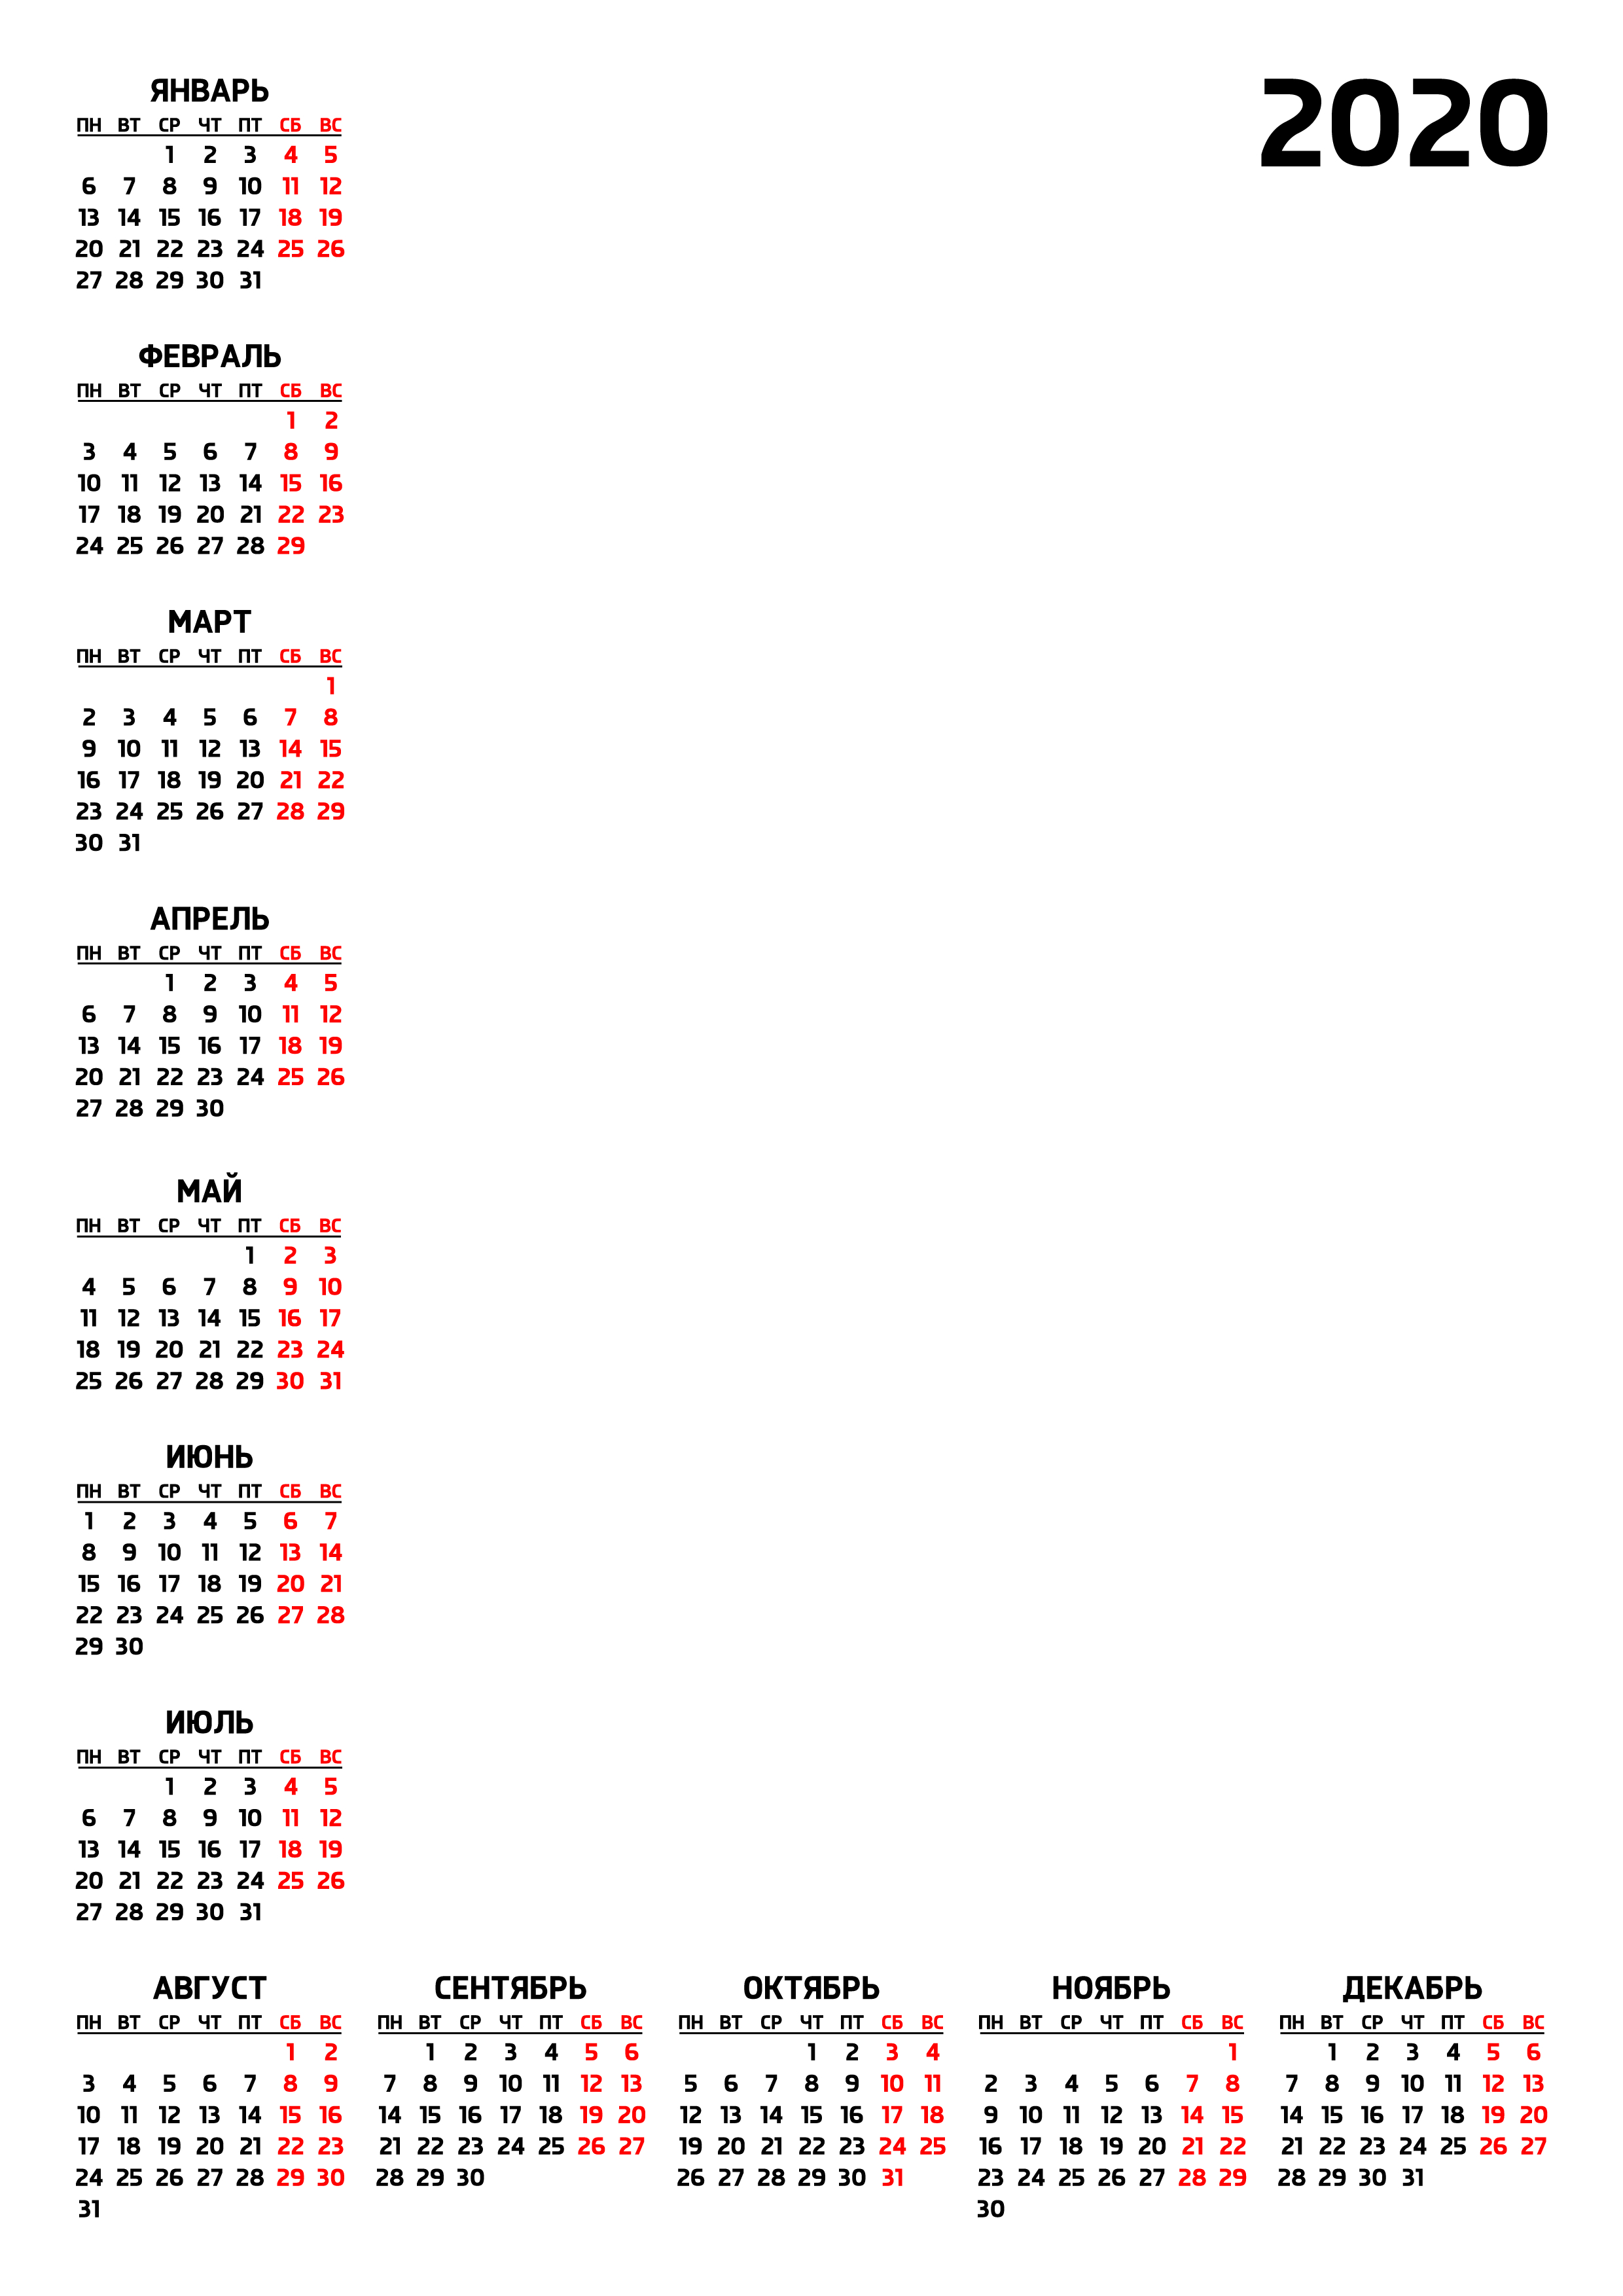 Шаблон Календаря На 2020 Год Скачать Бесплатно — 3Mu.ru for Бланк Календаря На Год